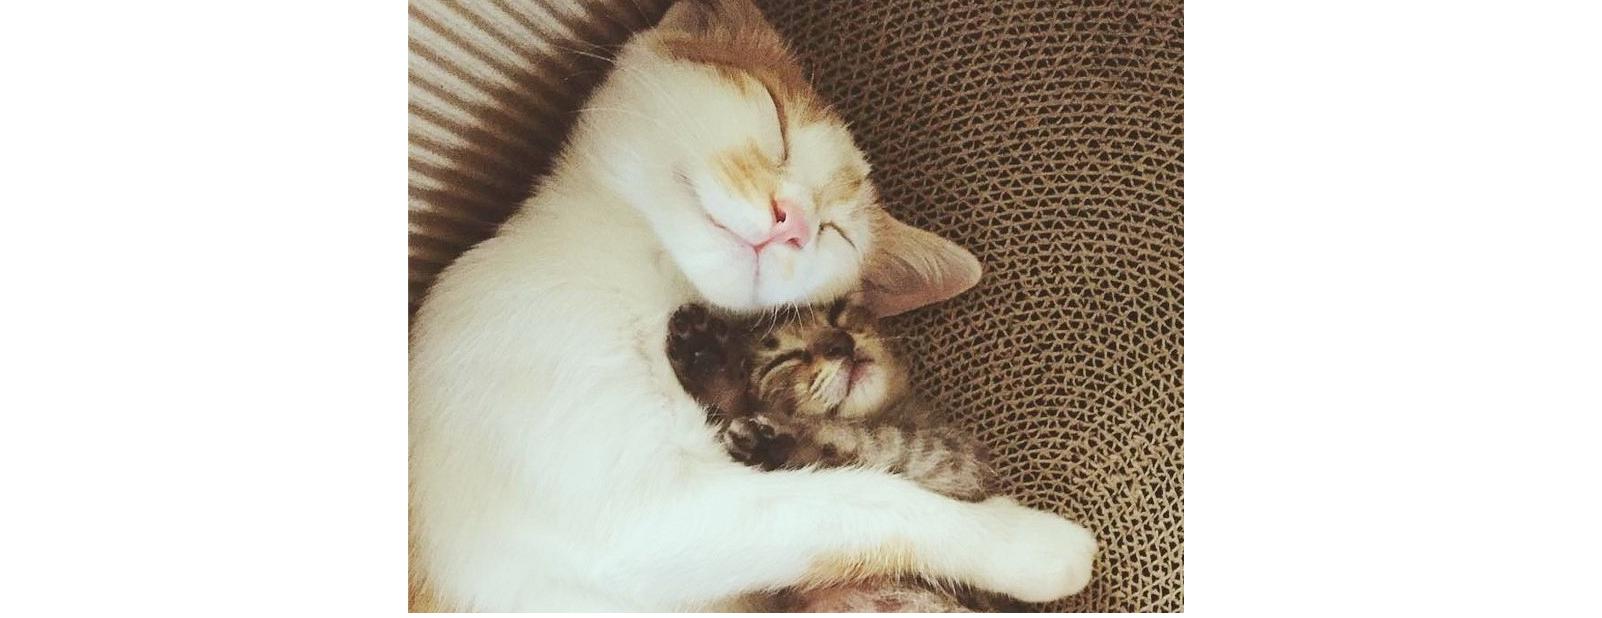 母猫とはぐれ独りぼっちだった子猫。彼女を一生懸命にお世話する、先住猫の優しさに心温まる(7枚)